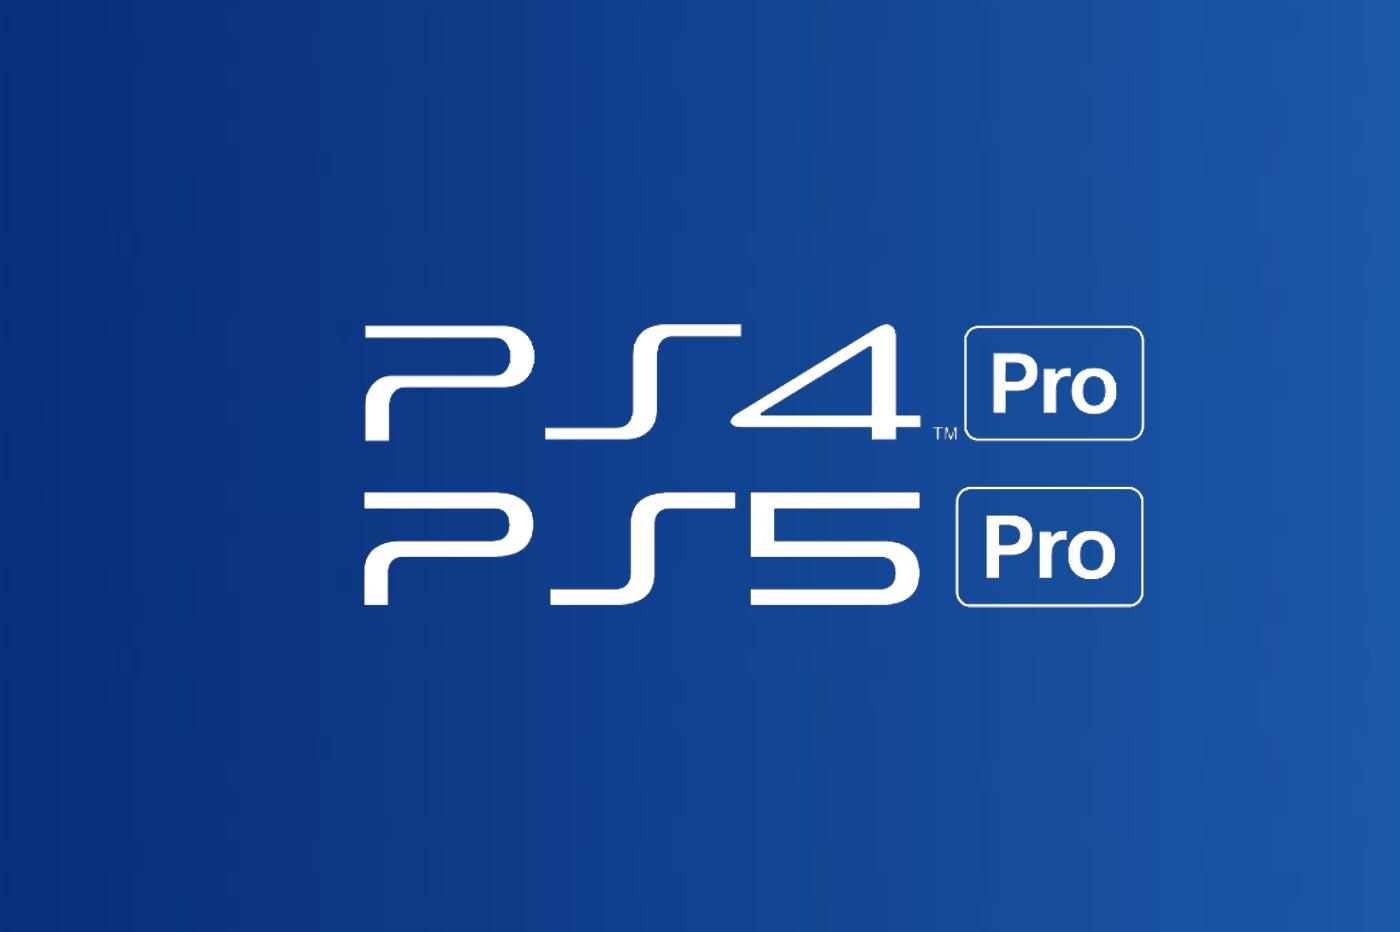 Sony n'exclut pas l'idée d'une PS5 Pro après le succès de la PS4 Pro qui était un test